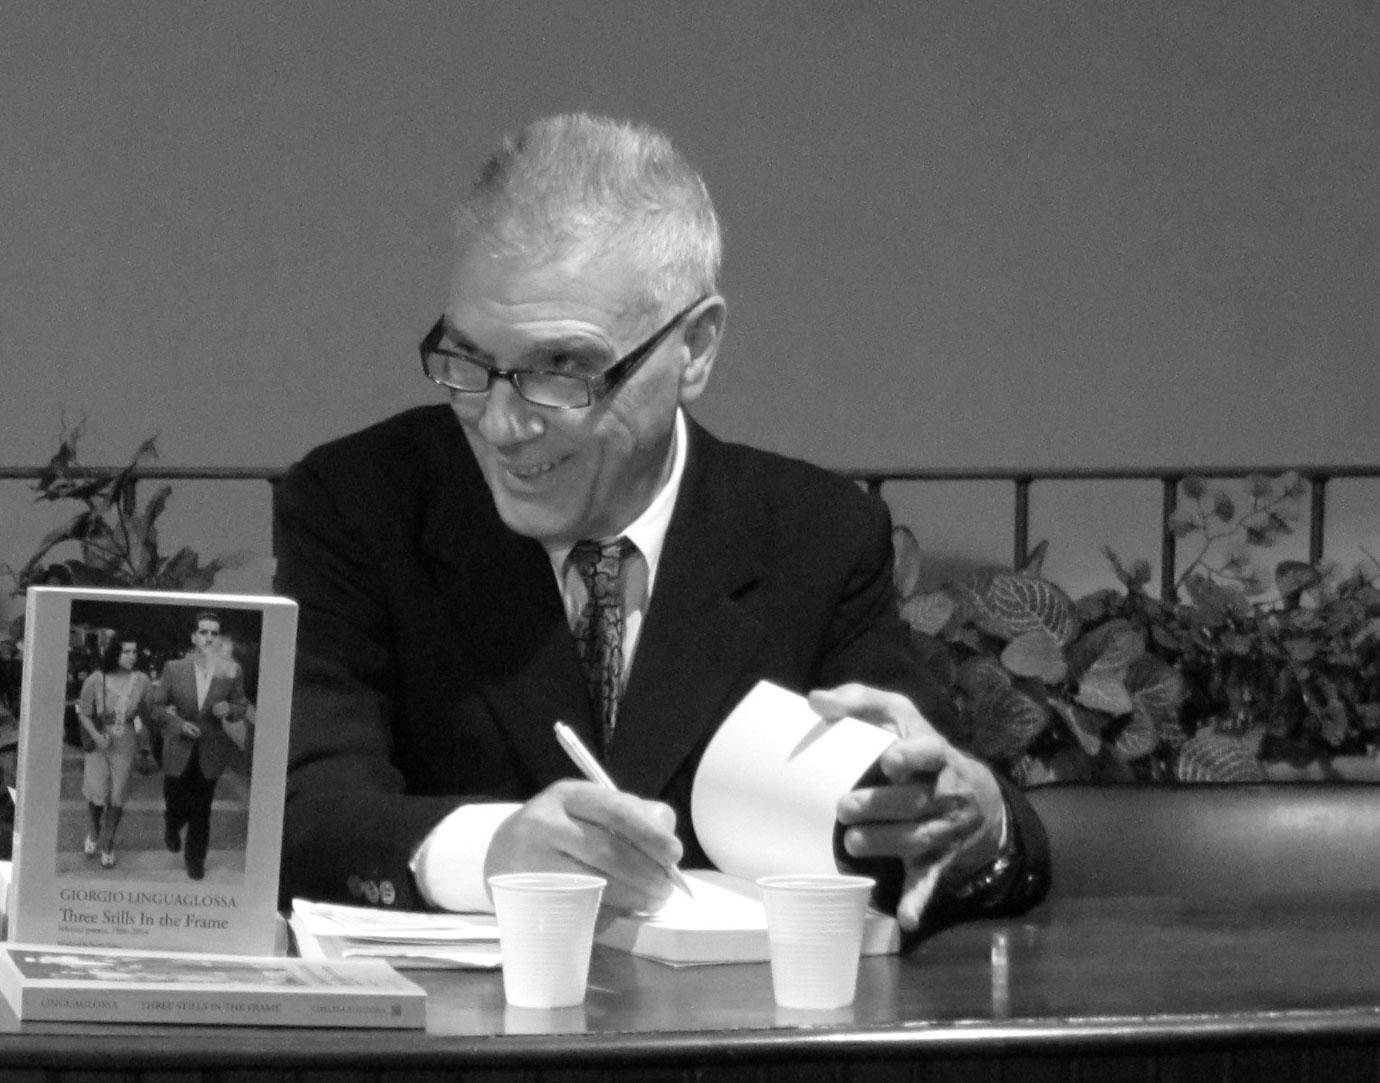 """""""Il secchio della immondizia è la mia libreria preferita"""" – intervista e inedito di Giorgio Linguaglossa"""